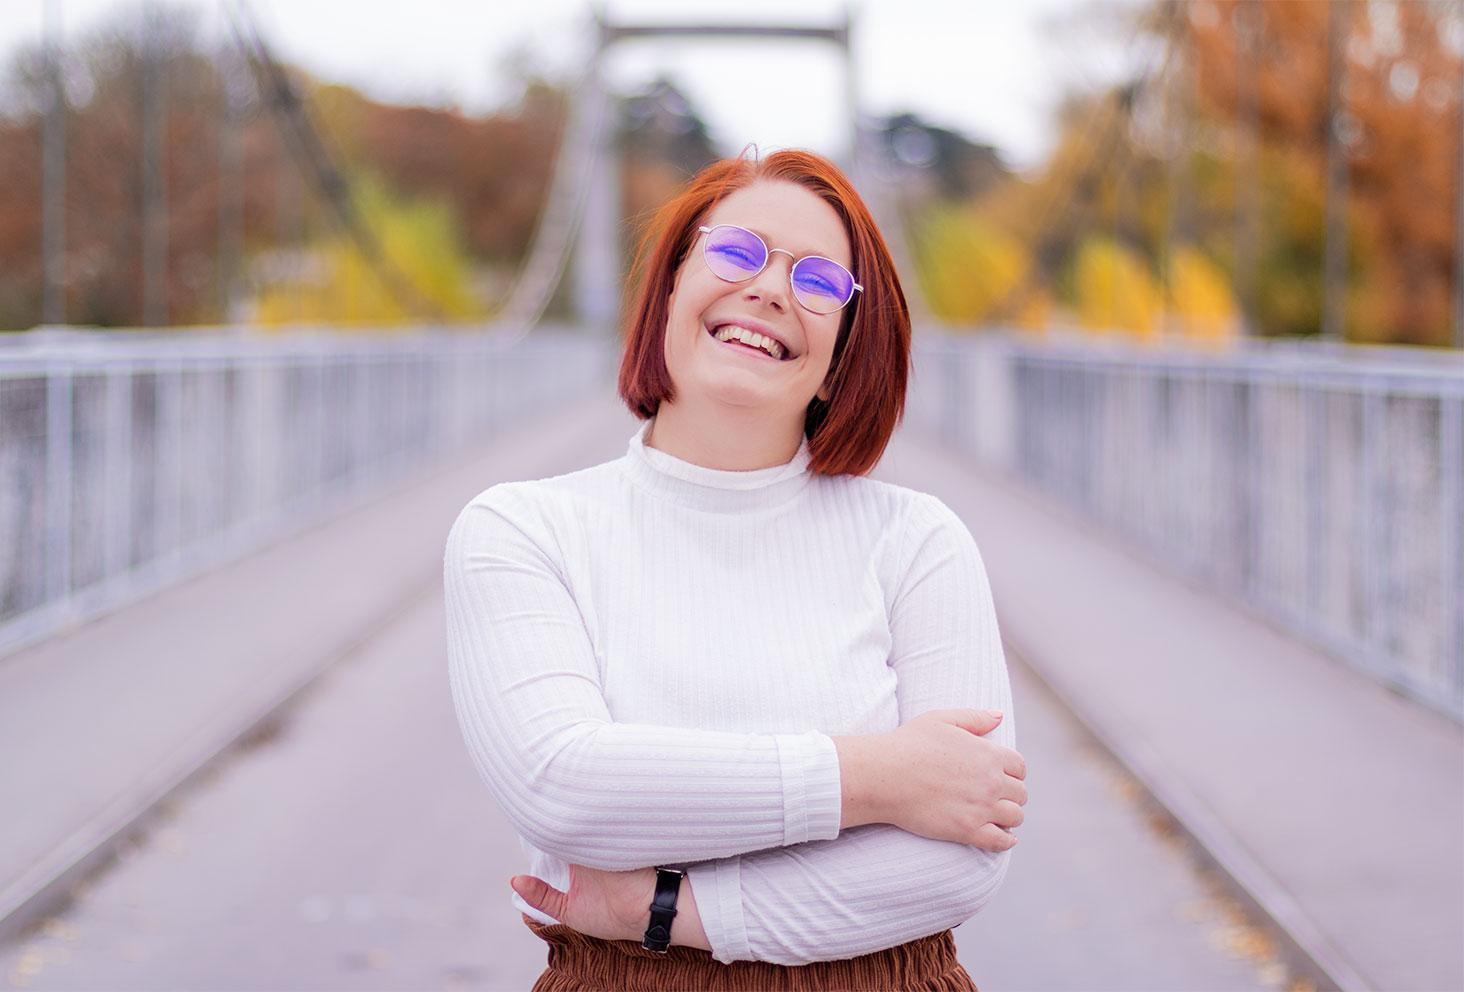 Les bras croisés devant la poitrine, avec le sourire, au milieu d'un pont de fils suspendu